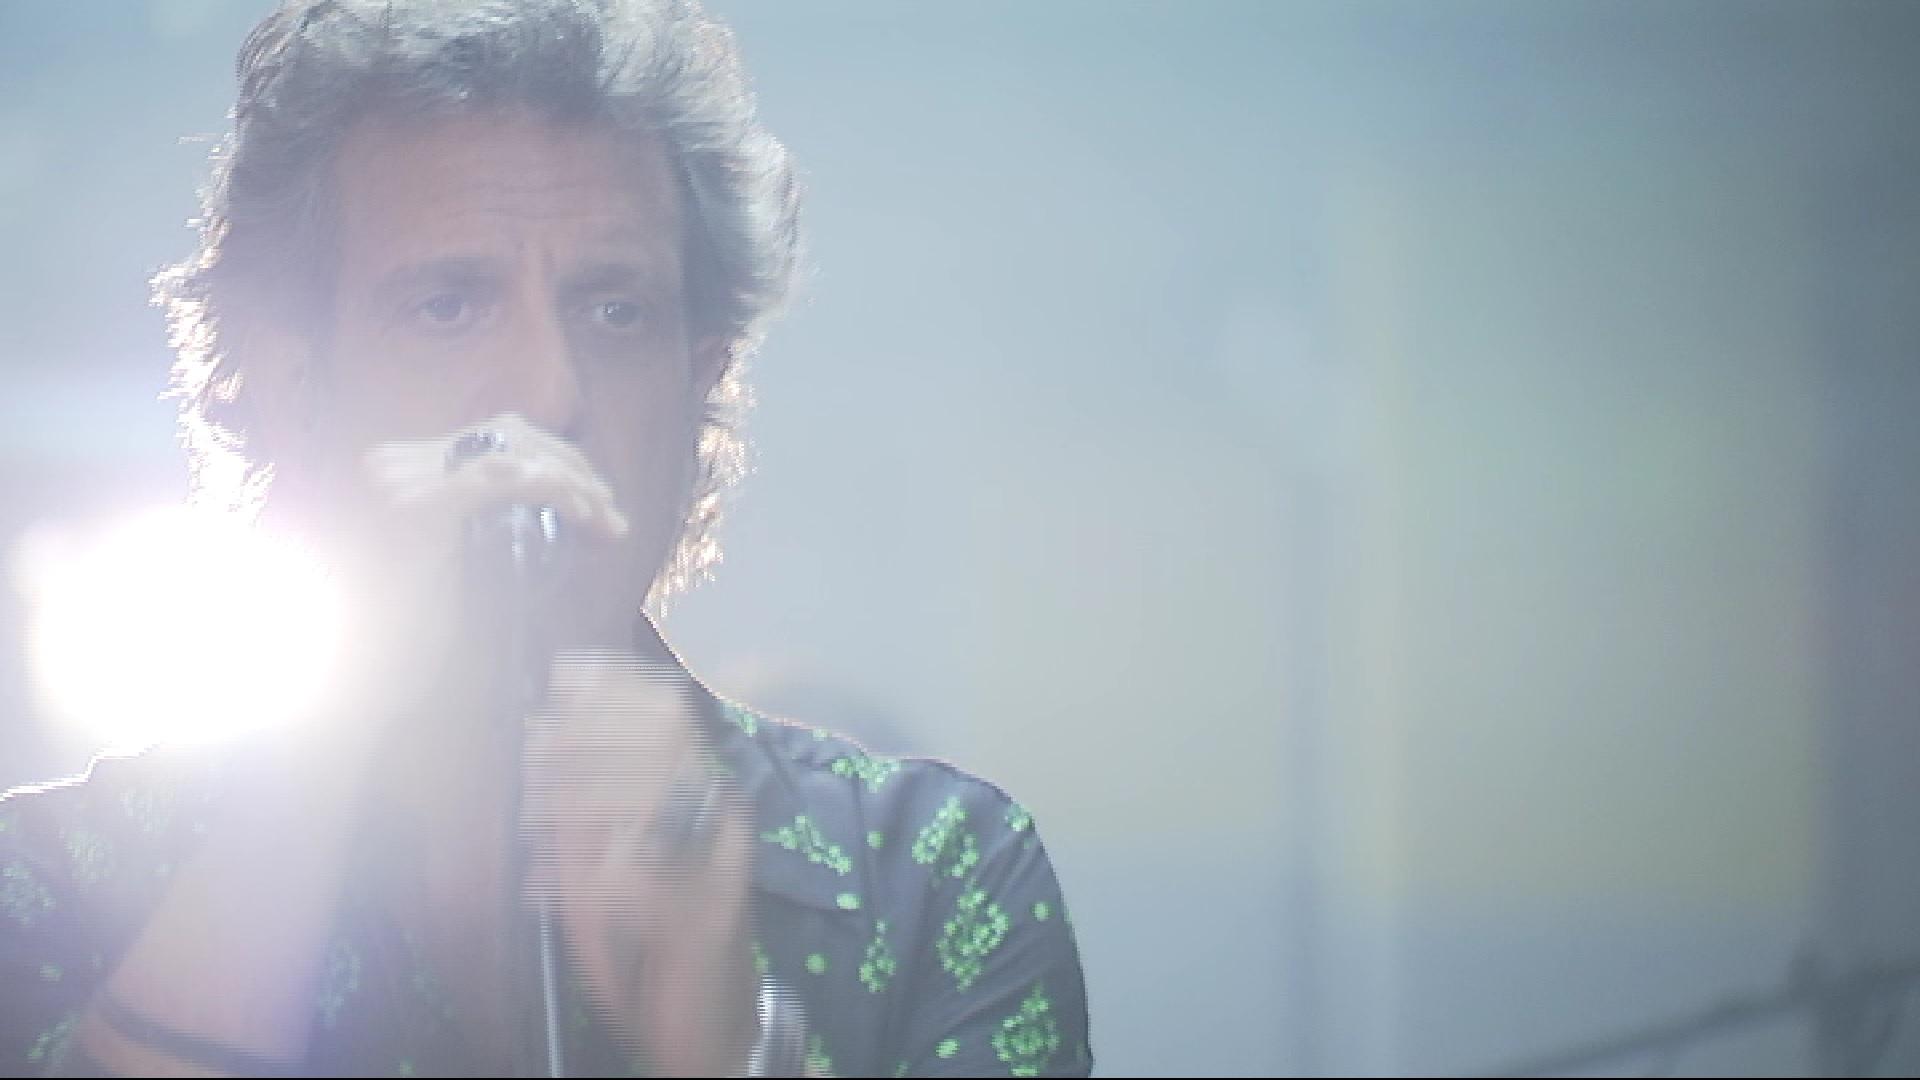 Toni+Bestard+dirigeix+el+nou+videoclip+de+Suasi+i+els+Electrodom%C3%A8stics